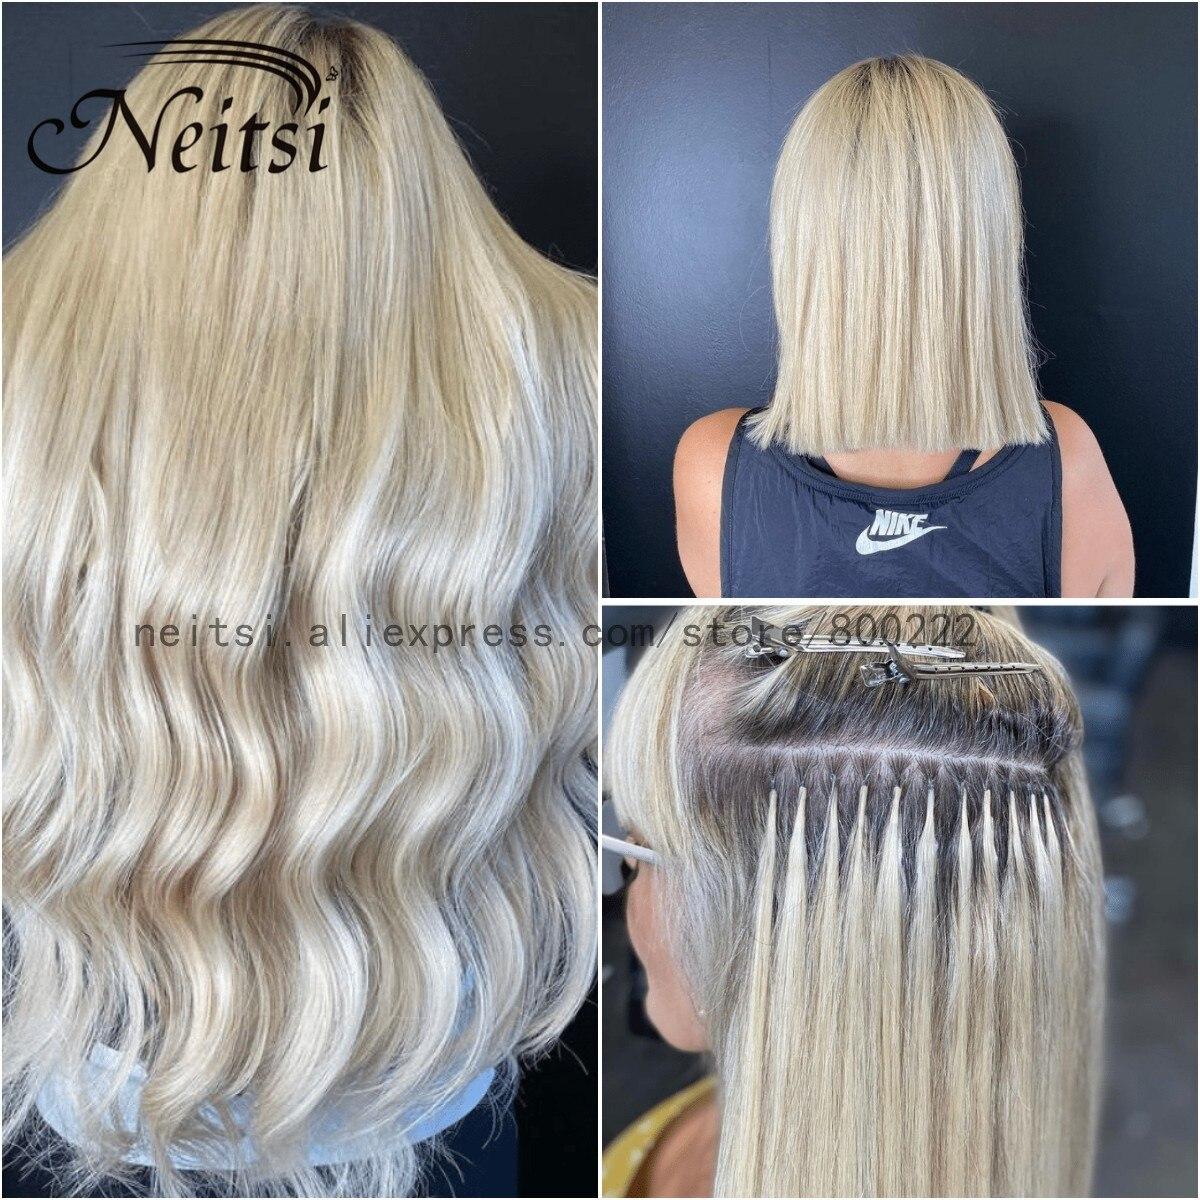 Прямые кератиновые капсулы Neitsi, накладные волосы с u-образным наконечником для наращивания, 16, 20, 24 дюйма, 1 г/локон, 50 г